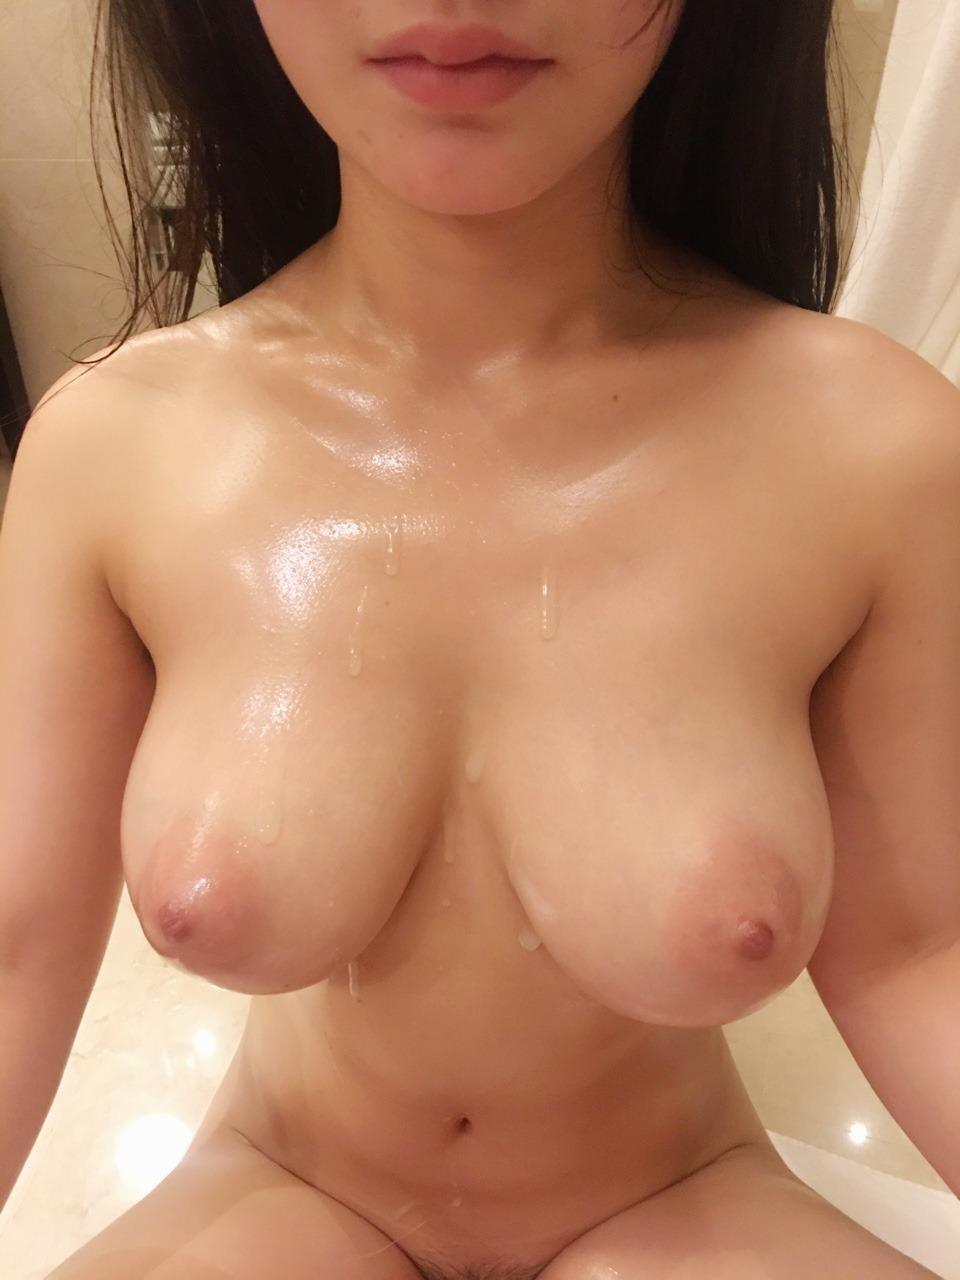 Amateur cum on tits